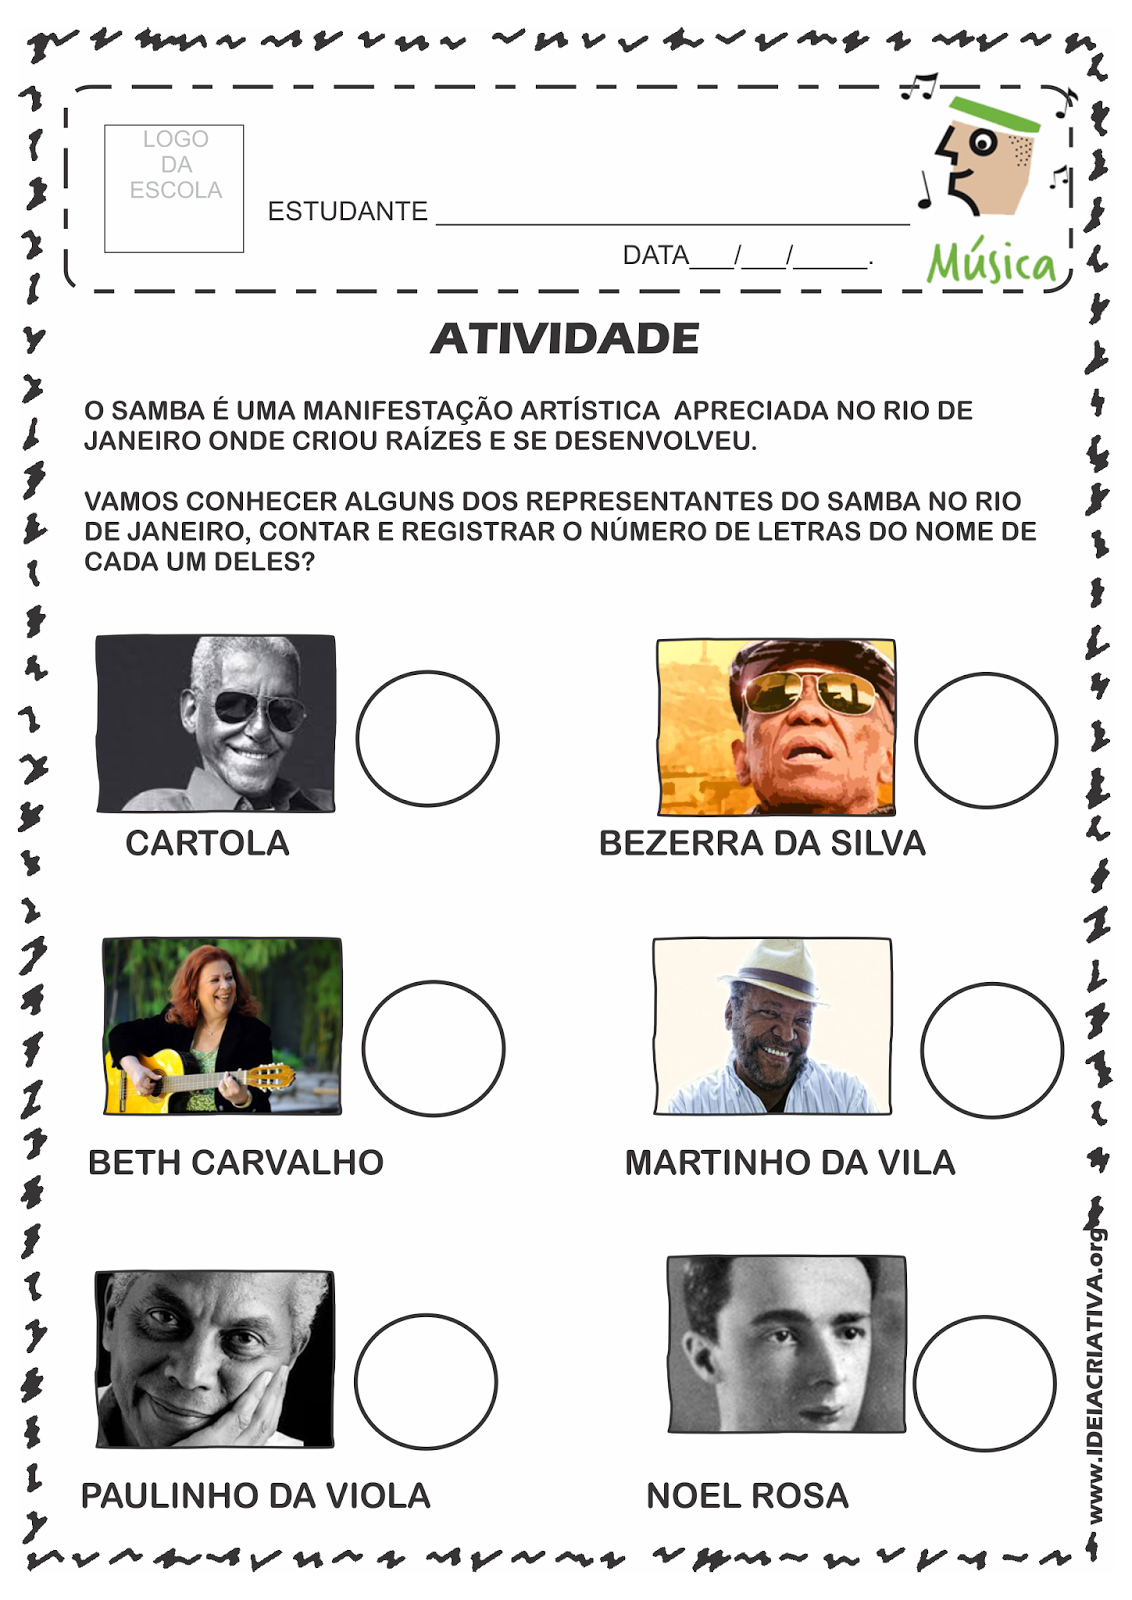 Atividade Rio 450 Anos Grandes Sambistas Cariocas Cartola, Noel Rosa, Bezerra da Silva, Paulinho da Viola, Beth Carvalho, Martinho da Vila.